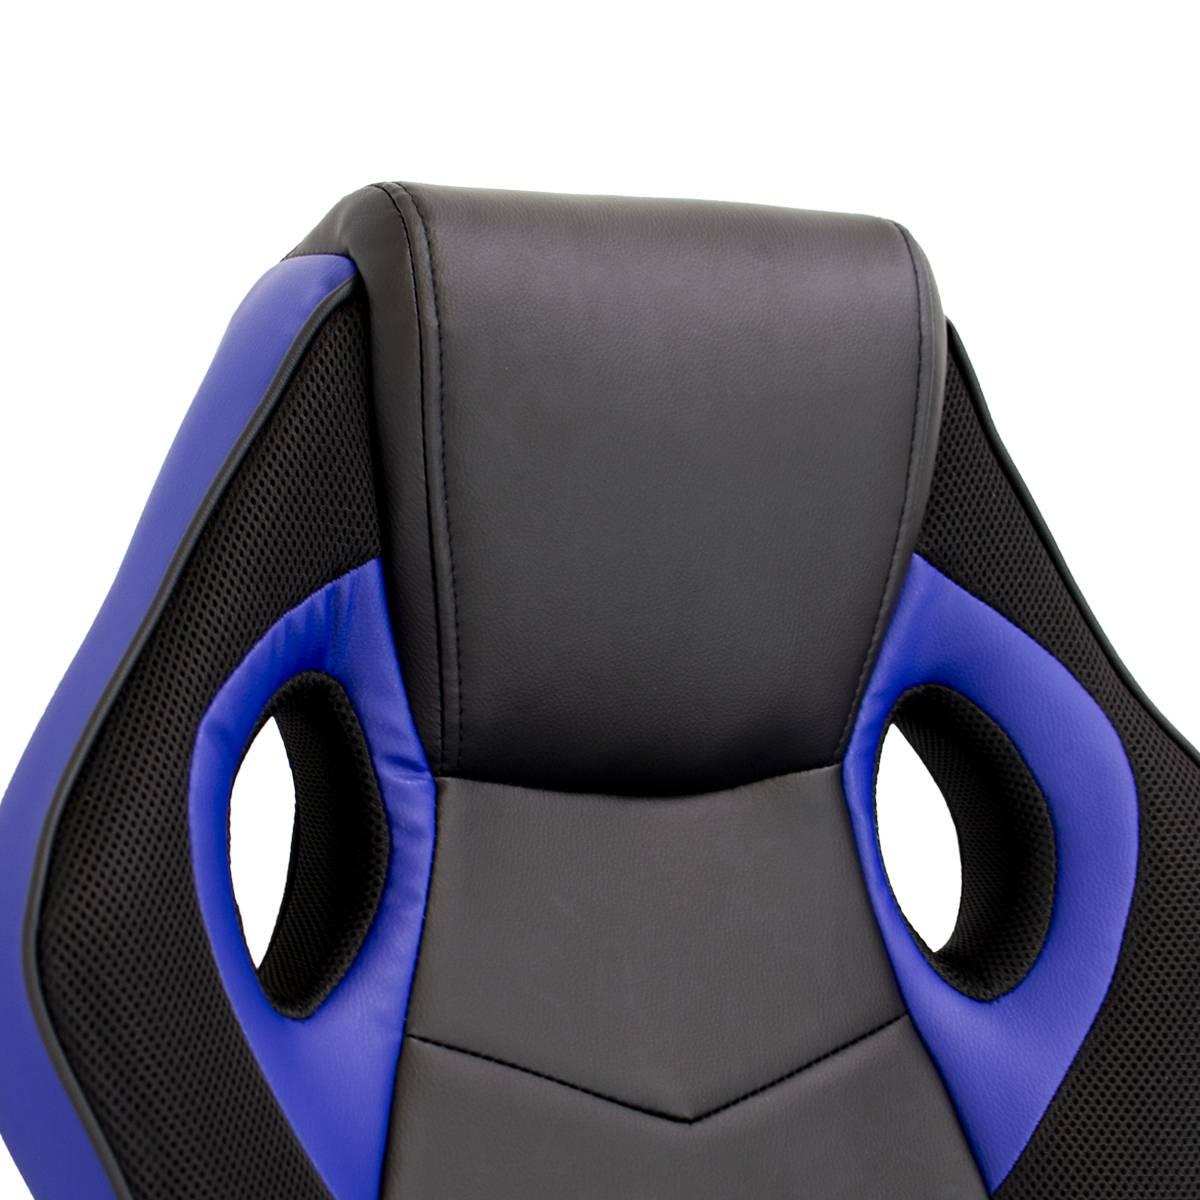 miniatura 45 - Sedia Poltrona da Gaming per Ufficio reclinabile Imbottita ergonomica GTX RTX